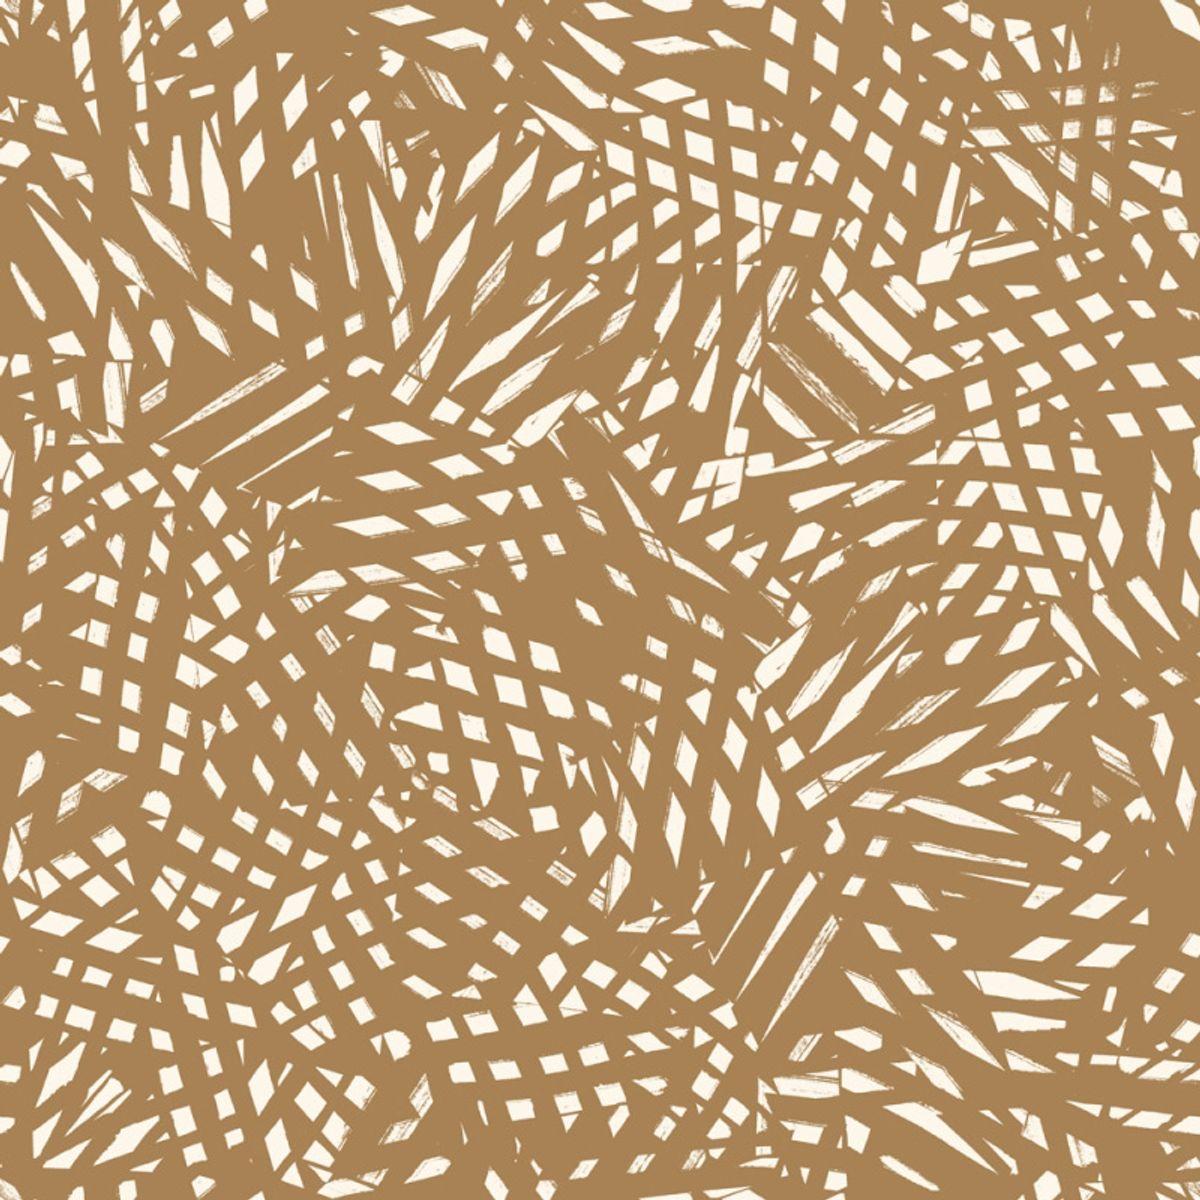 Tissu viscose Shade Ochre - Atelier Brunette